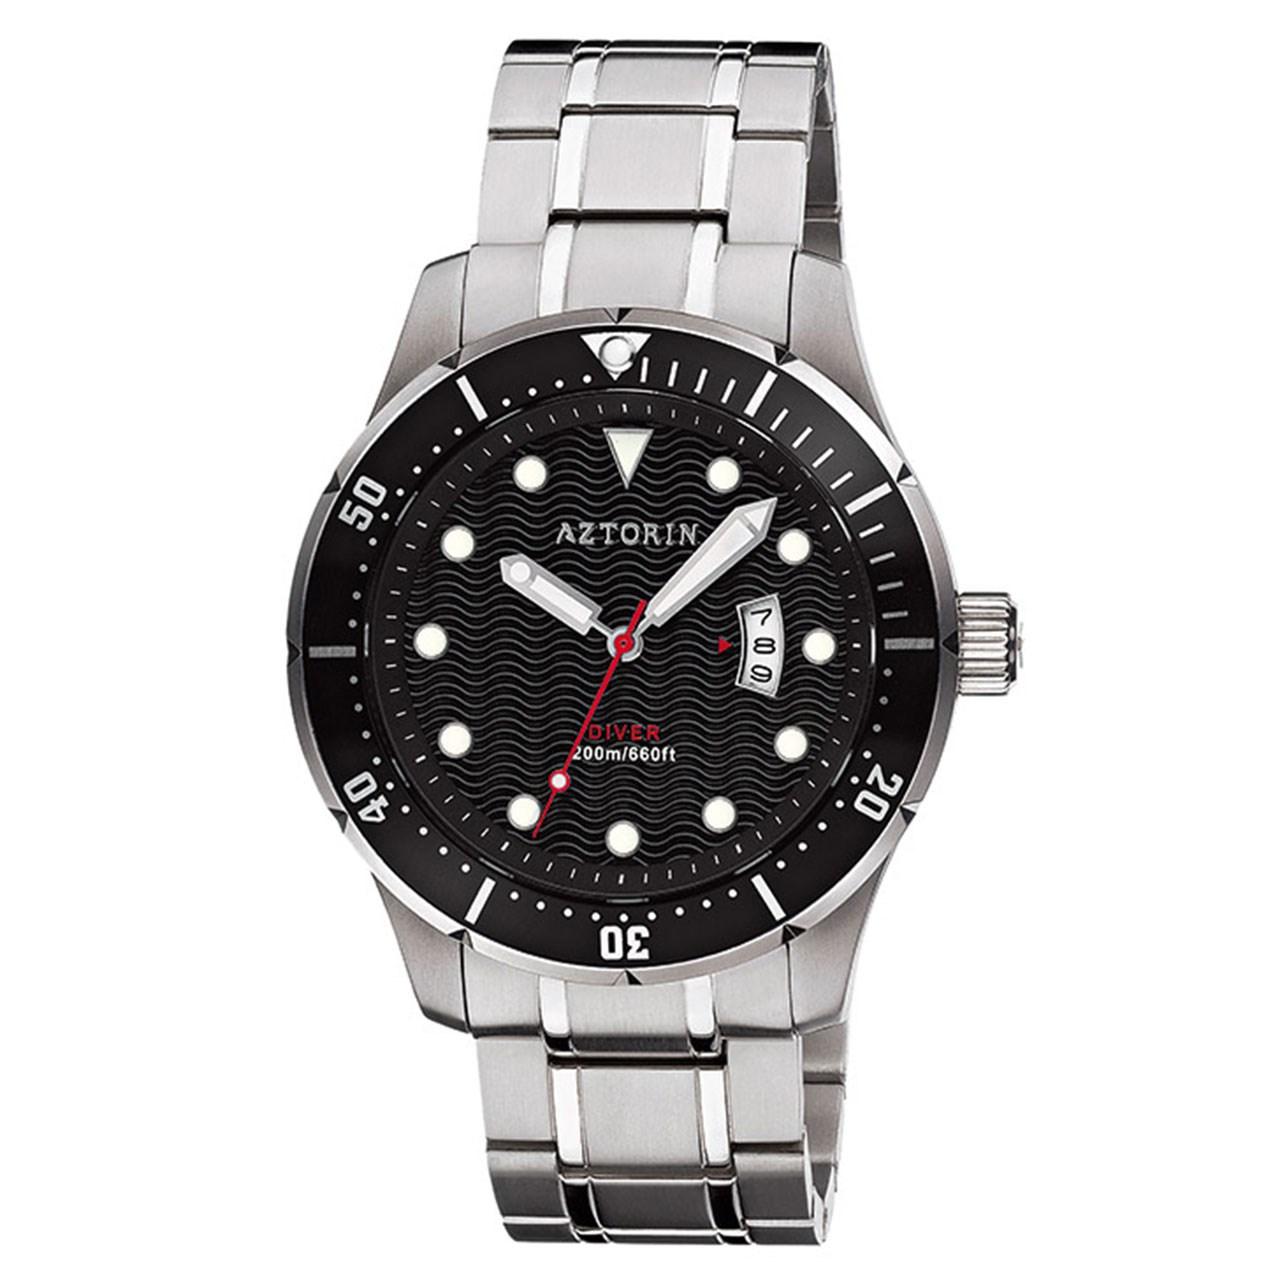 ساعت مچی عقربه ای مردانه ازتورین مدل A038.G143-K1 تولید محدود